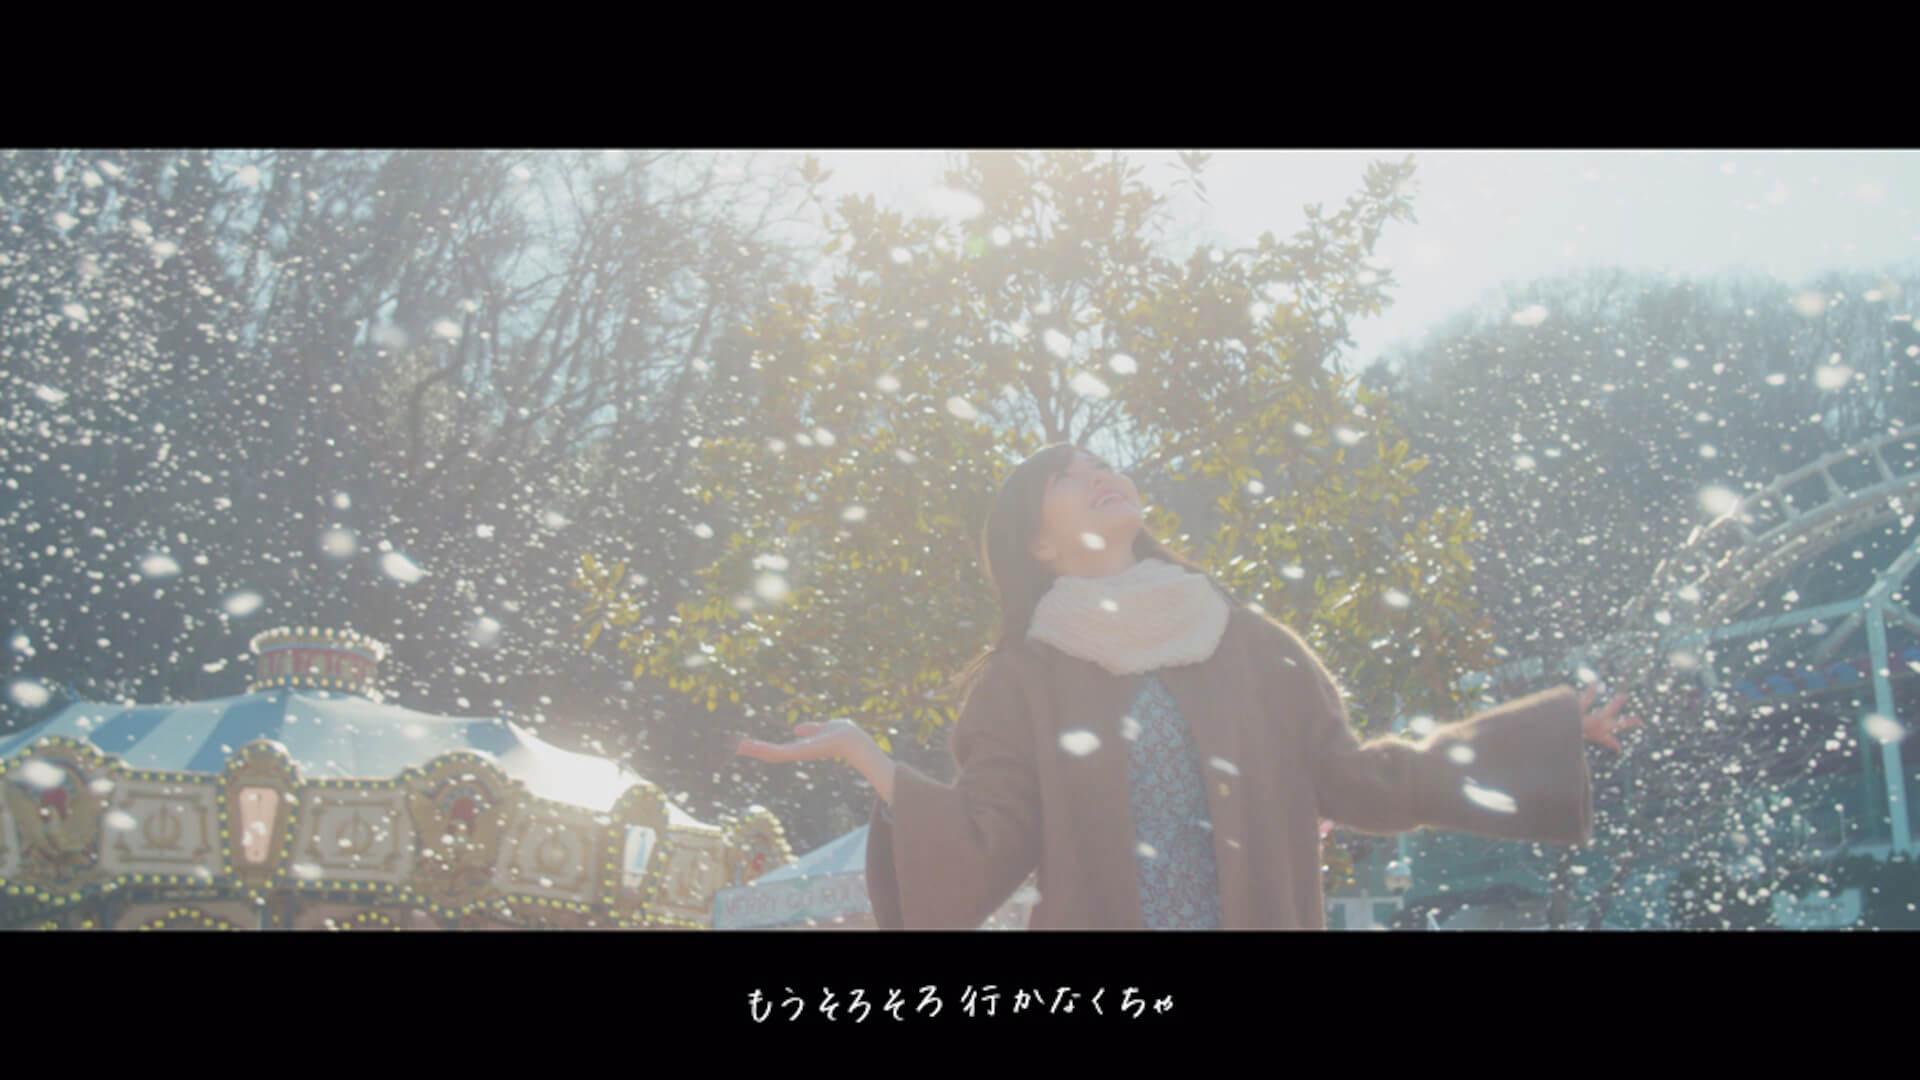 乃木坂46・白石麻衣ソロ曲「じゃあね。」のMVが解禁!「テレビの中の人だ」のセリフに感激 music200312_nogizaka_shiraishimai_5